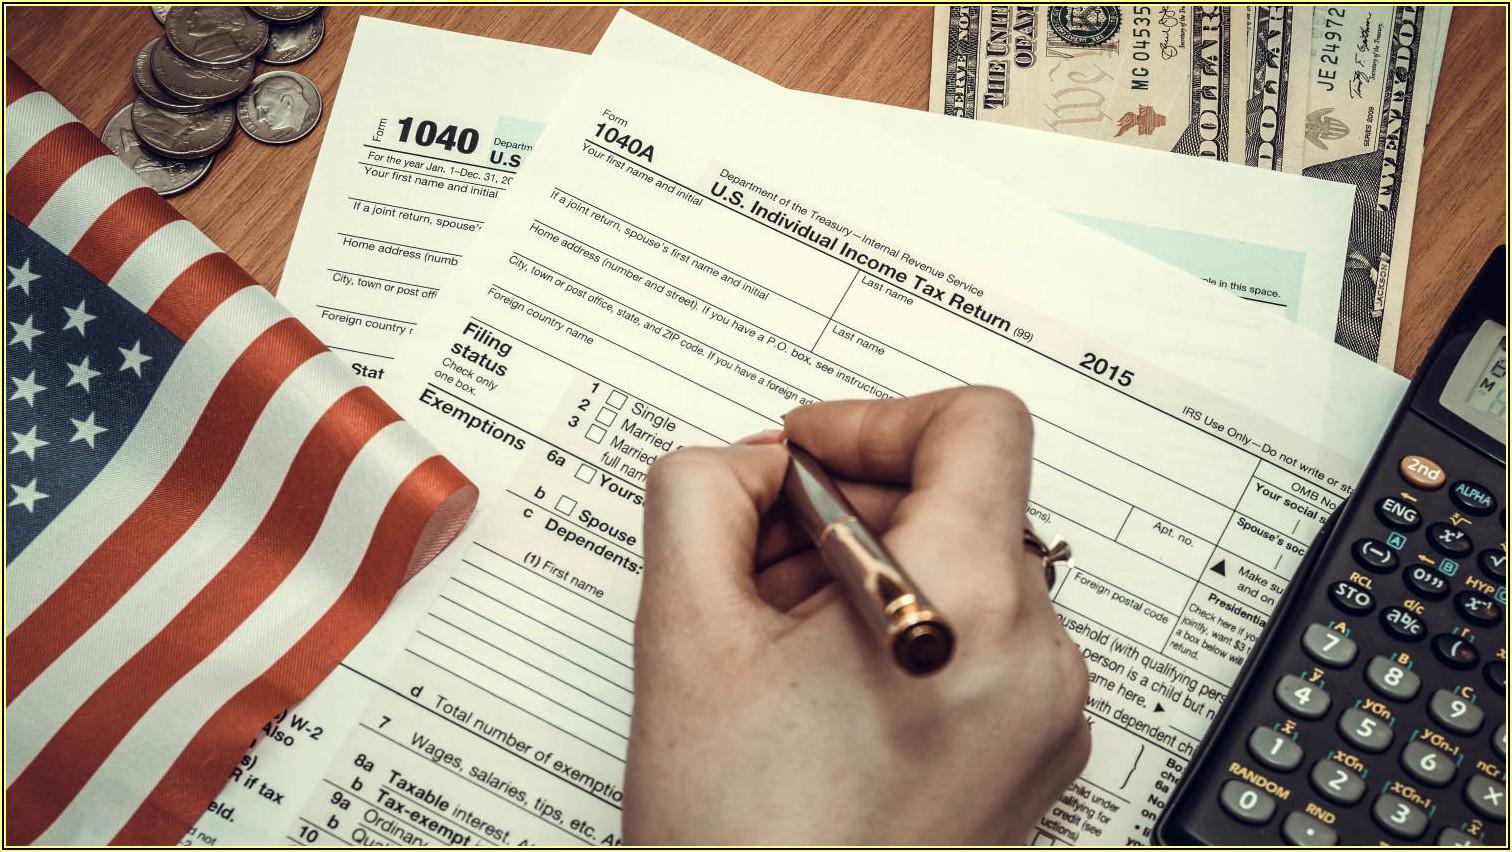 Irs Tax Forgiveness Form